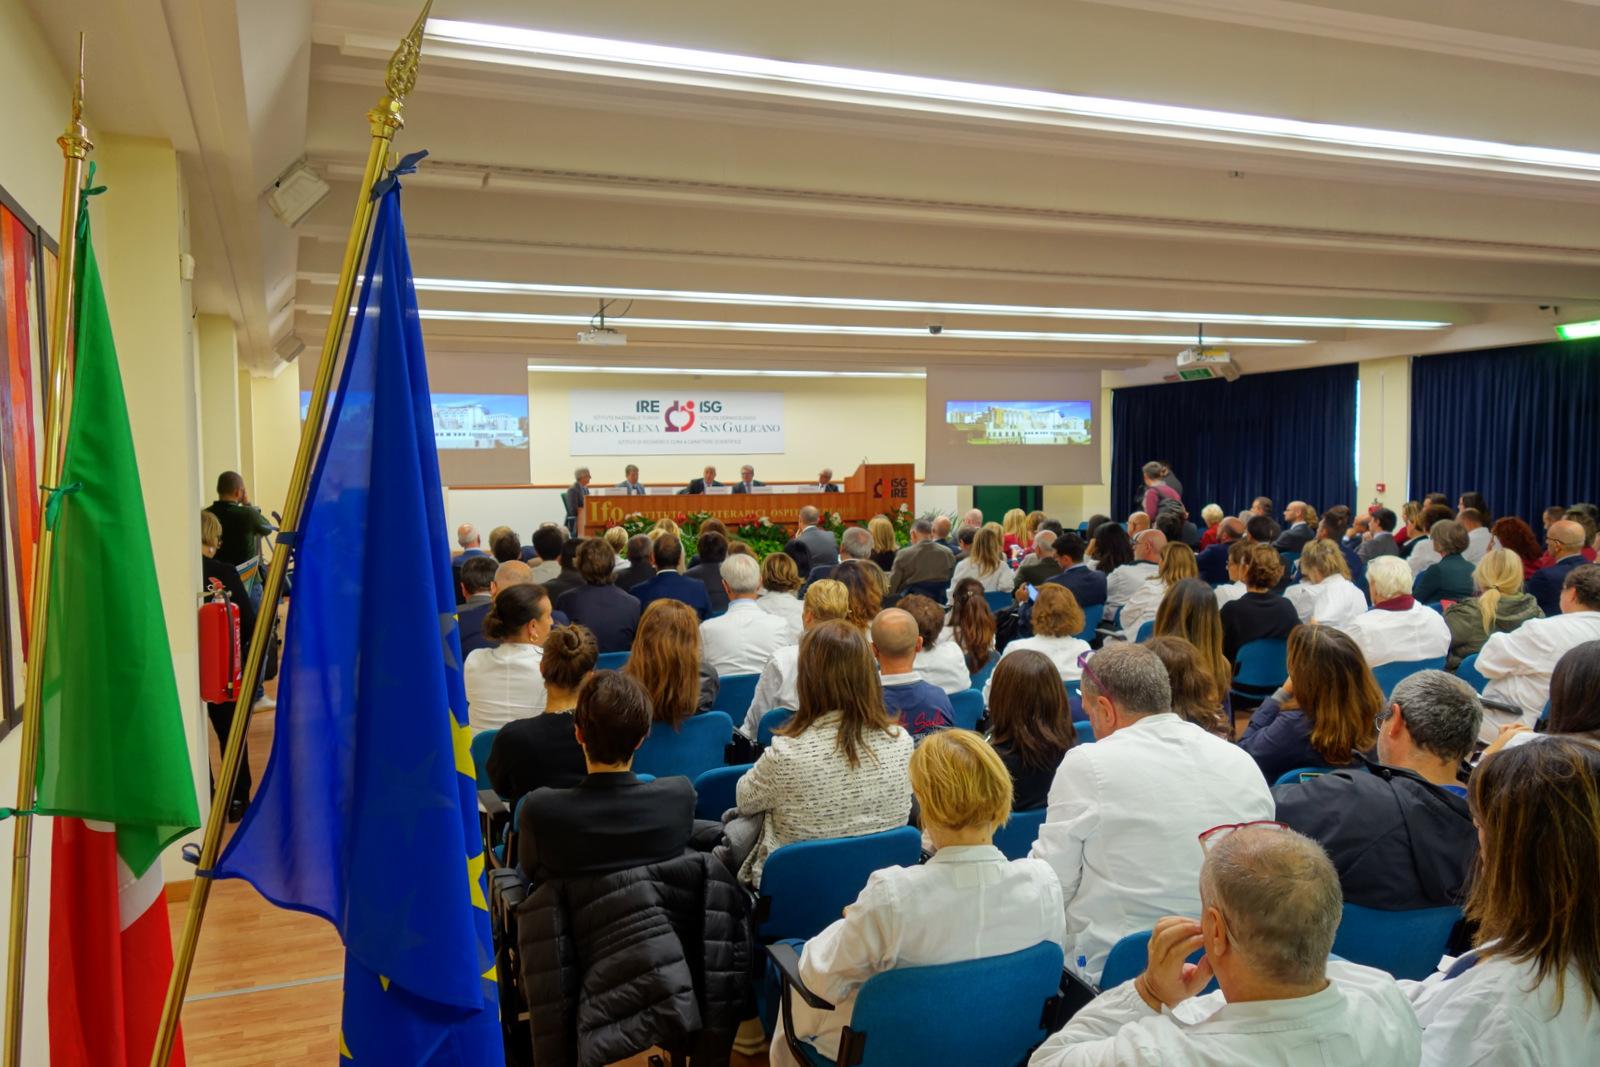 Foto del centro congressi alla presentazione del centro di fase 1 degli IFO